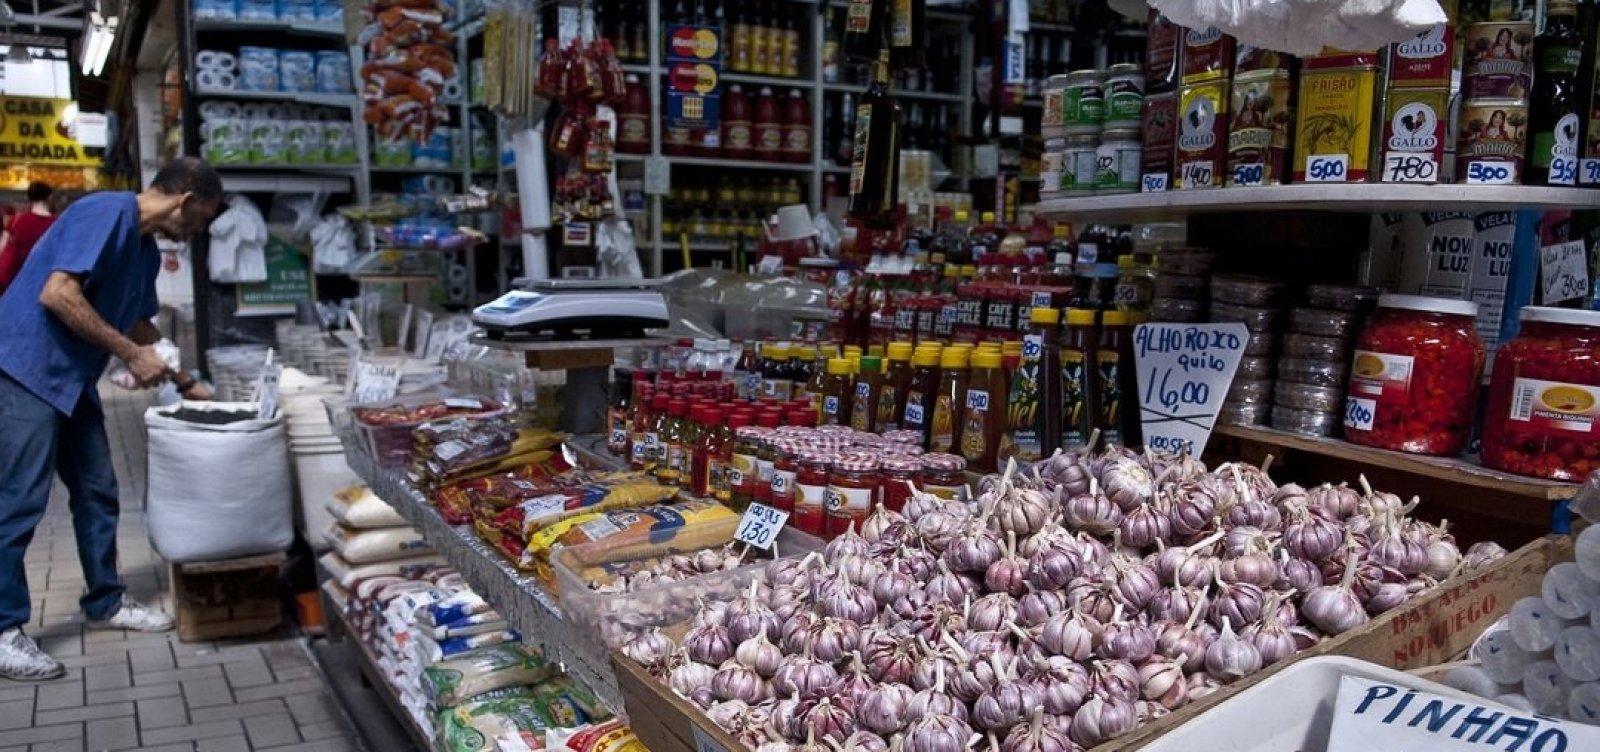 Confiança do consumidor recua pelo quarto mês seguido, diz FGV